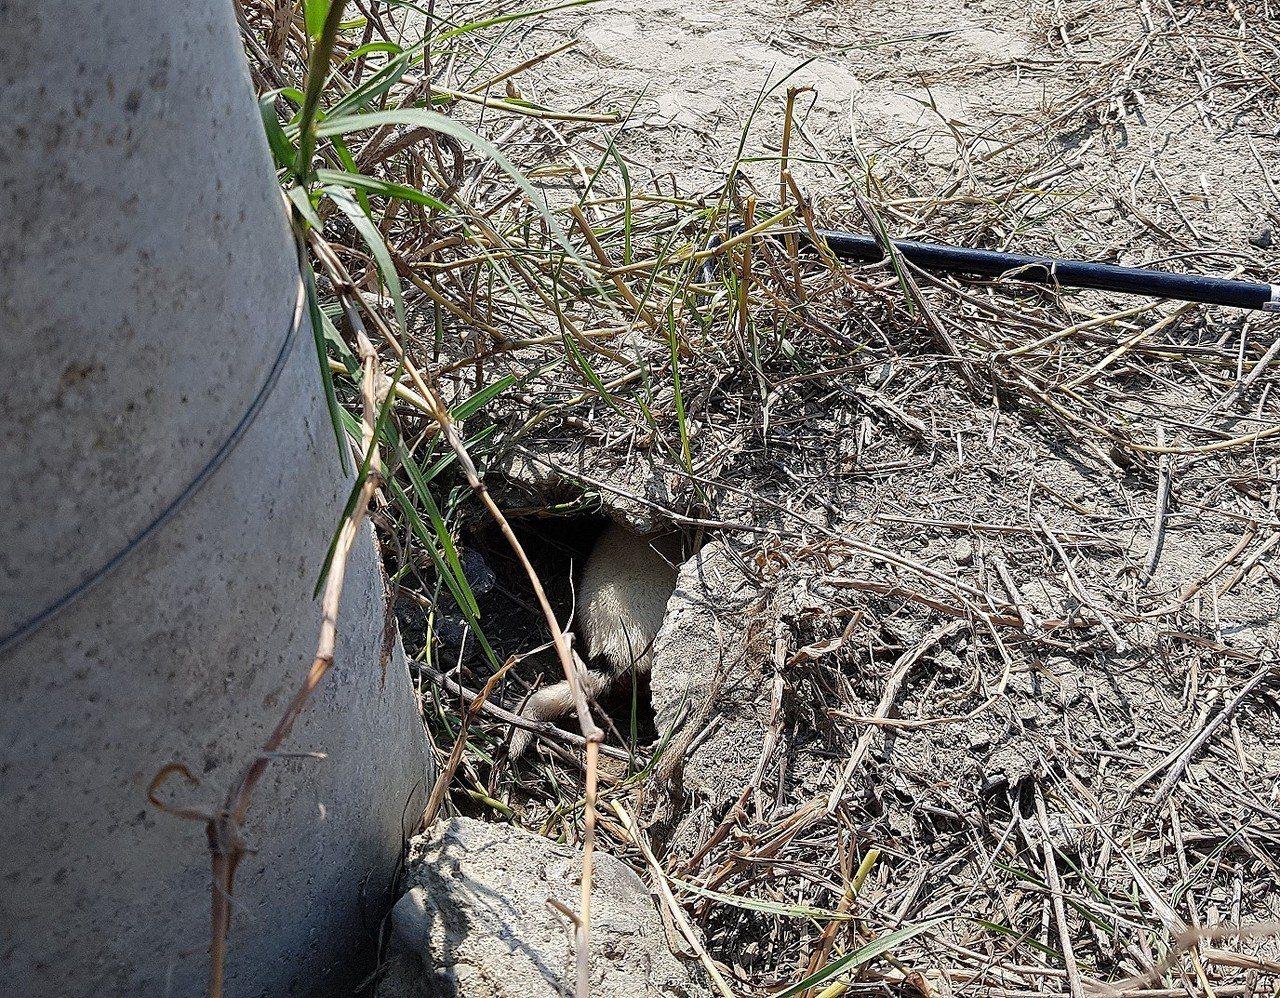 台灣動物緊急救援小組大隊長倪兆成發現,從電桿下方的水泥縫隙中,傳來受困小狗微弱的...